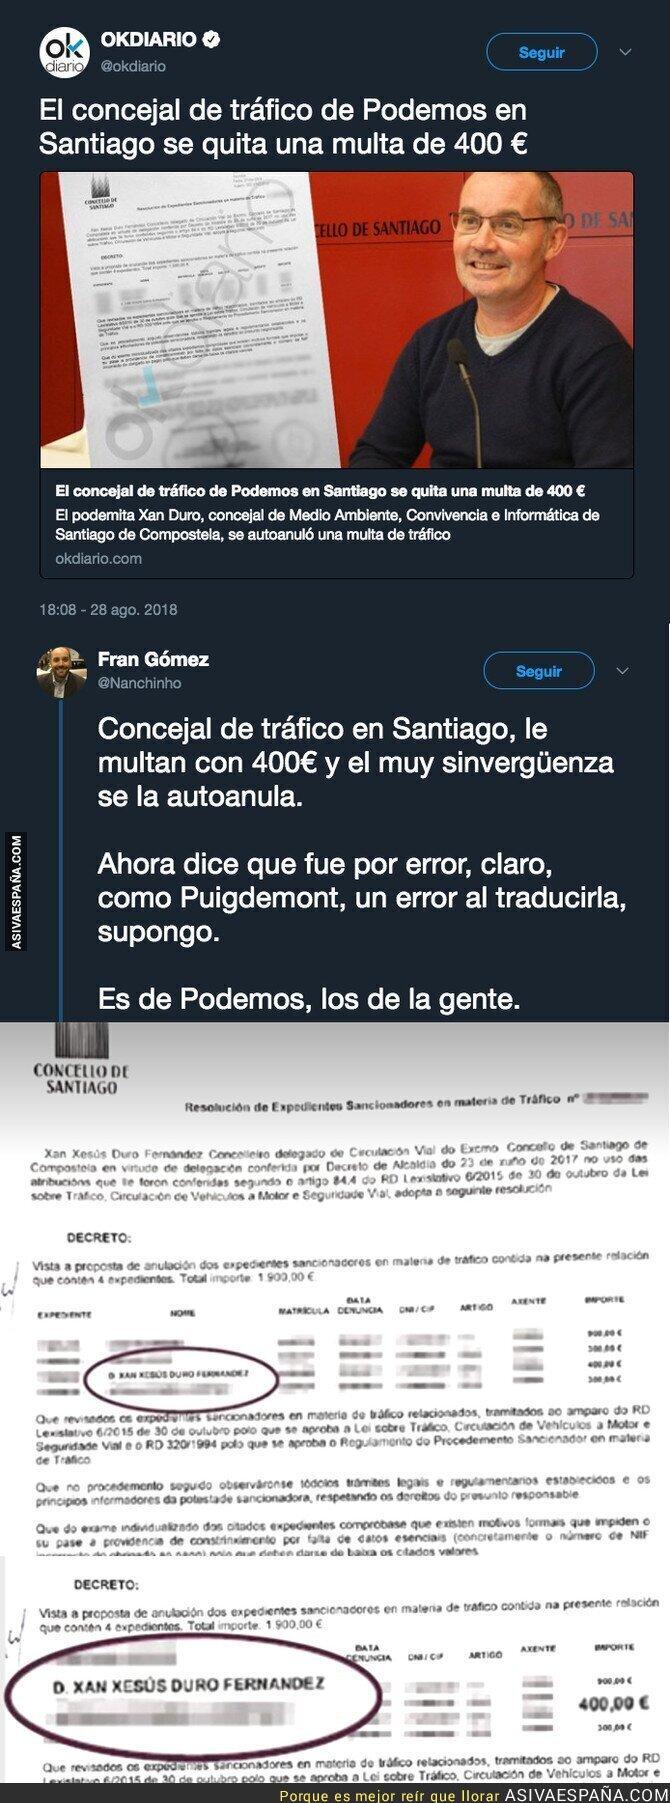 91951 - El documento que acredita que un concejal de Podemos en Santiago se ha quitado una multa de 400€